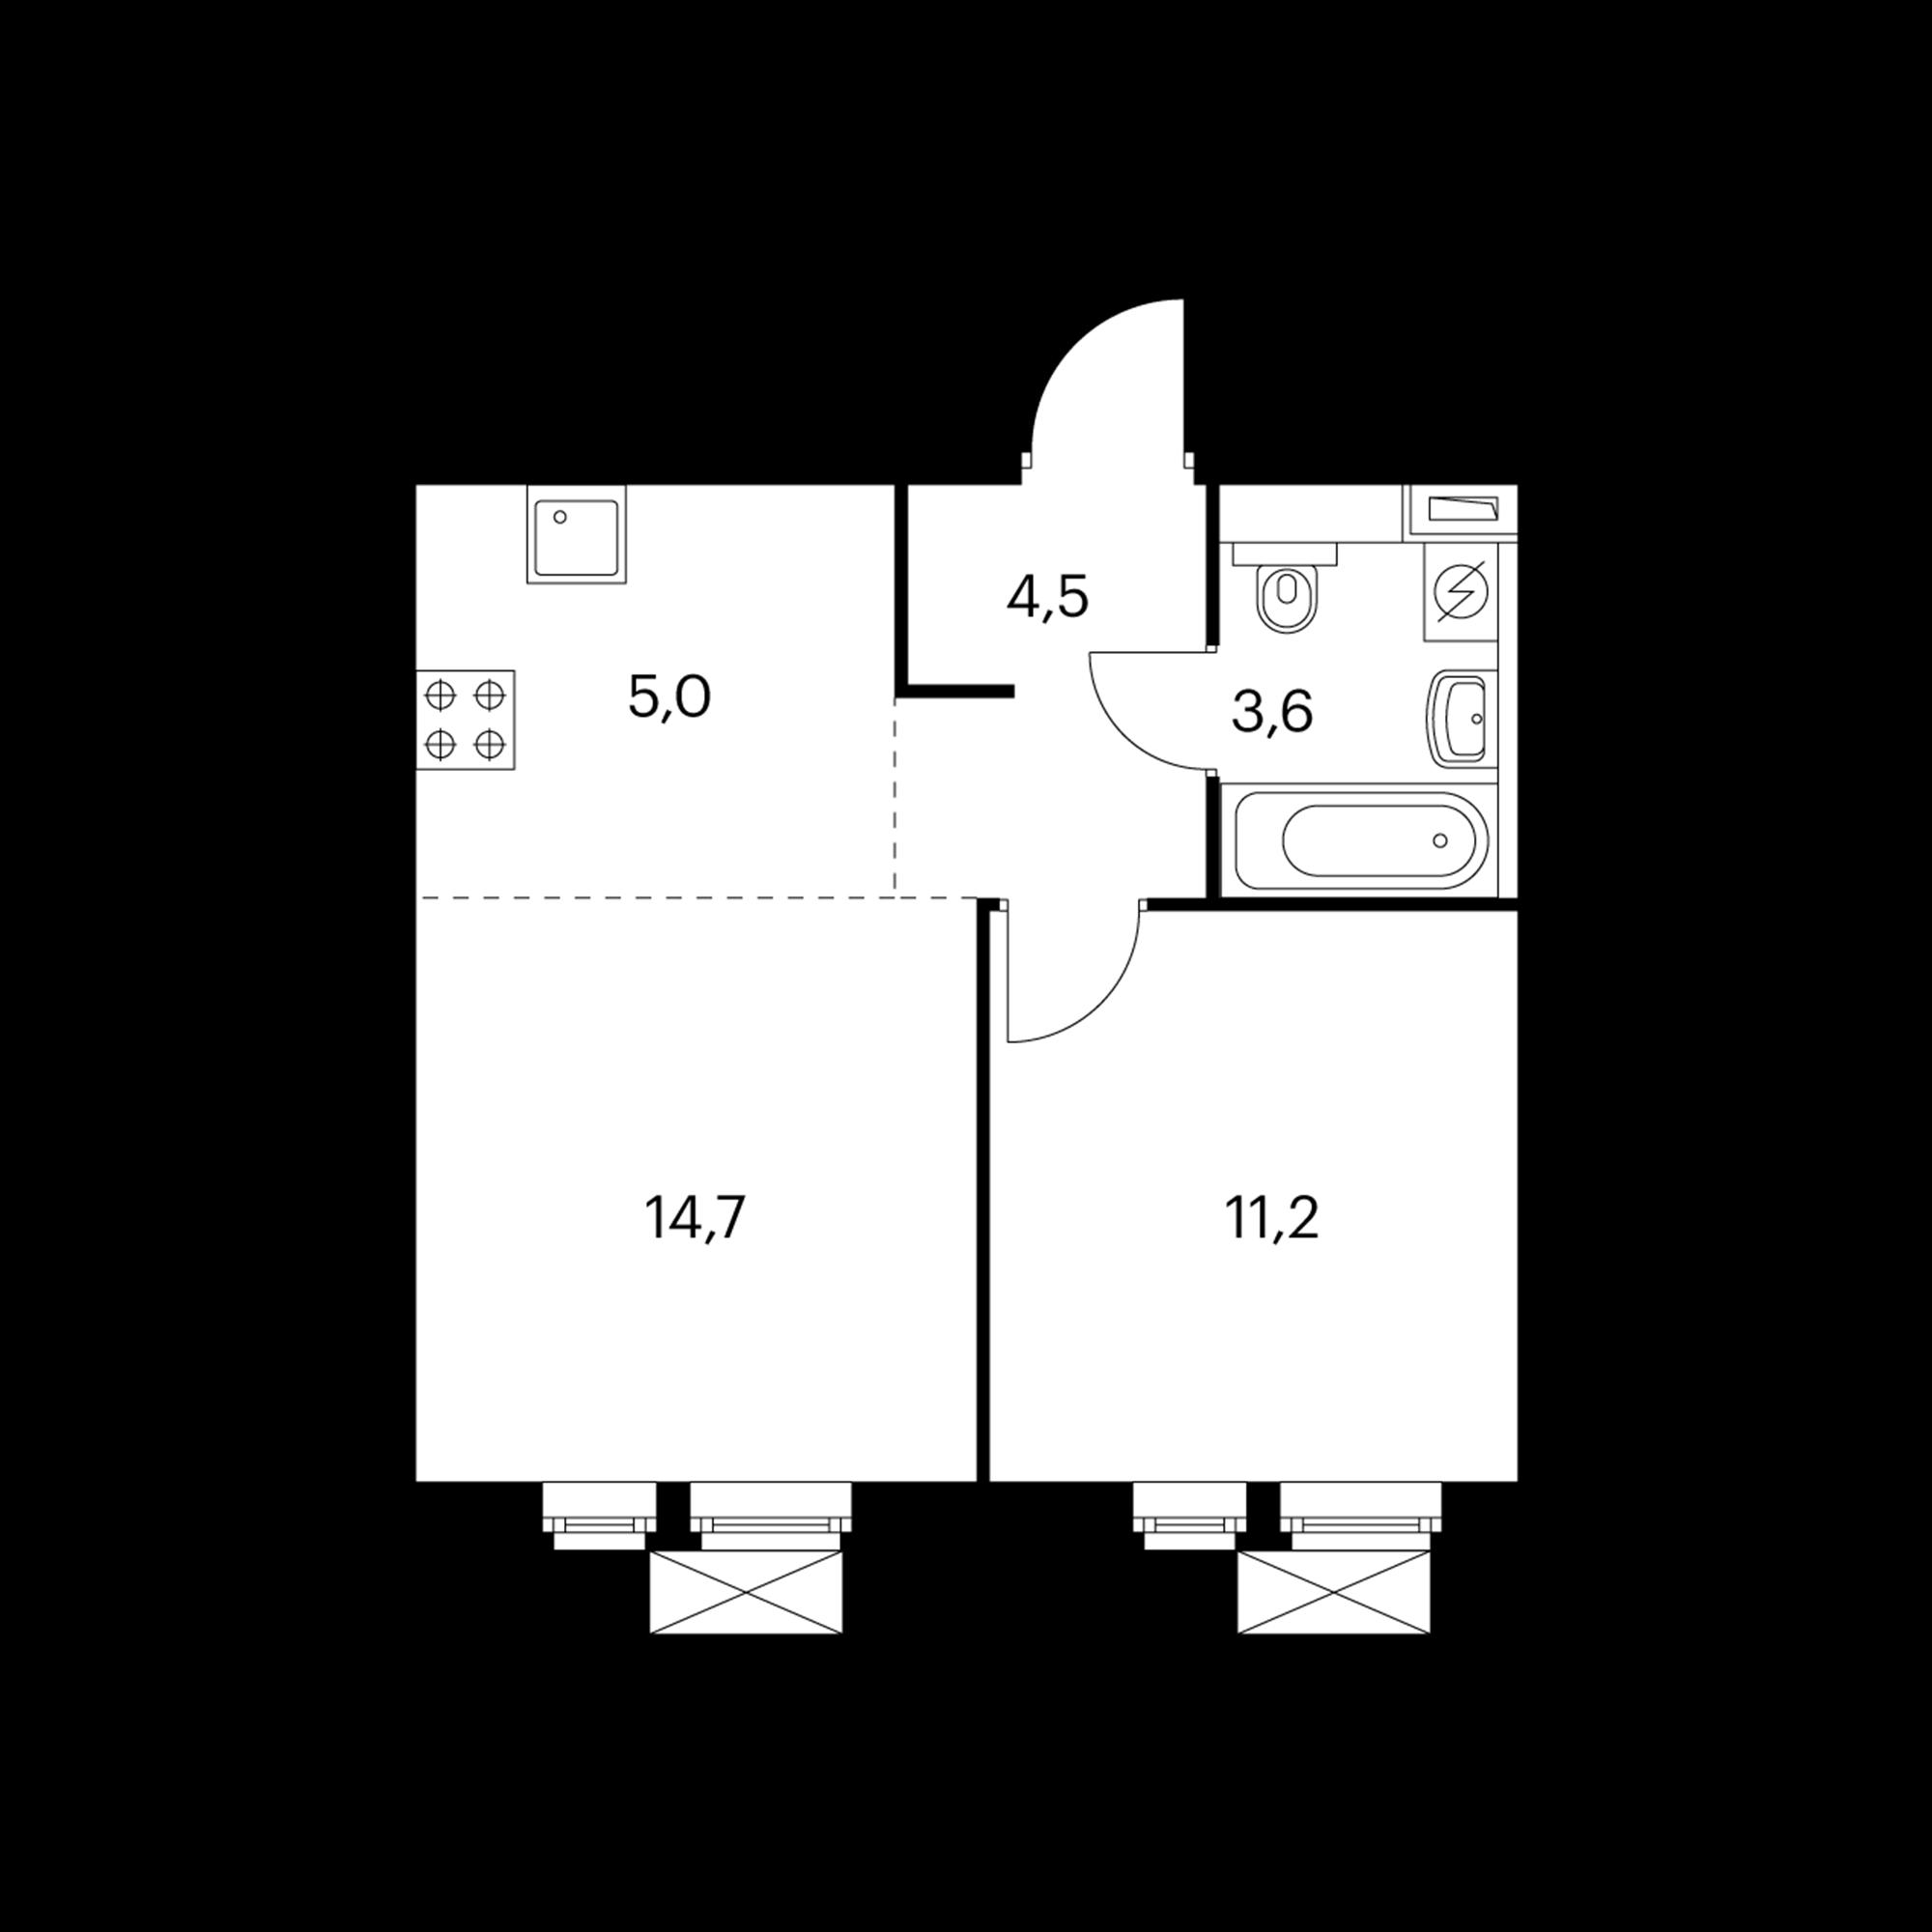 2NS1_6.9-1_S_Z1